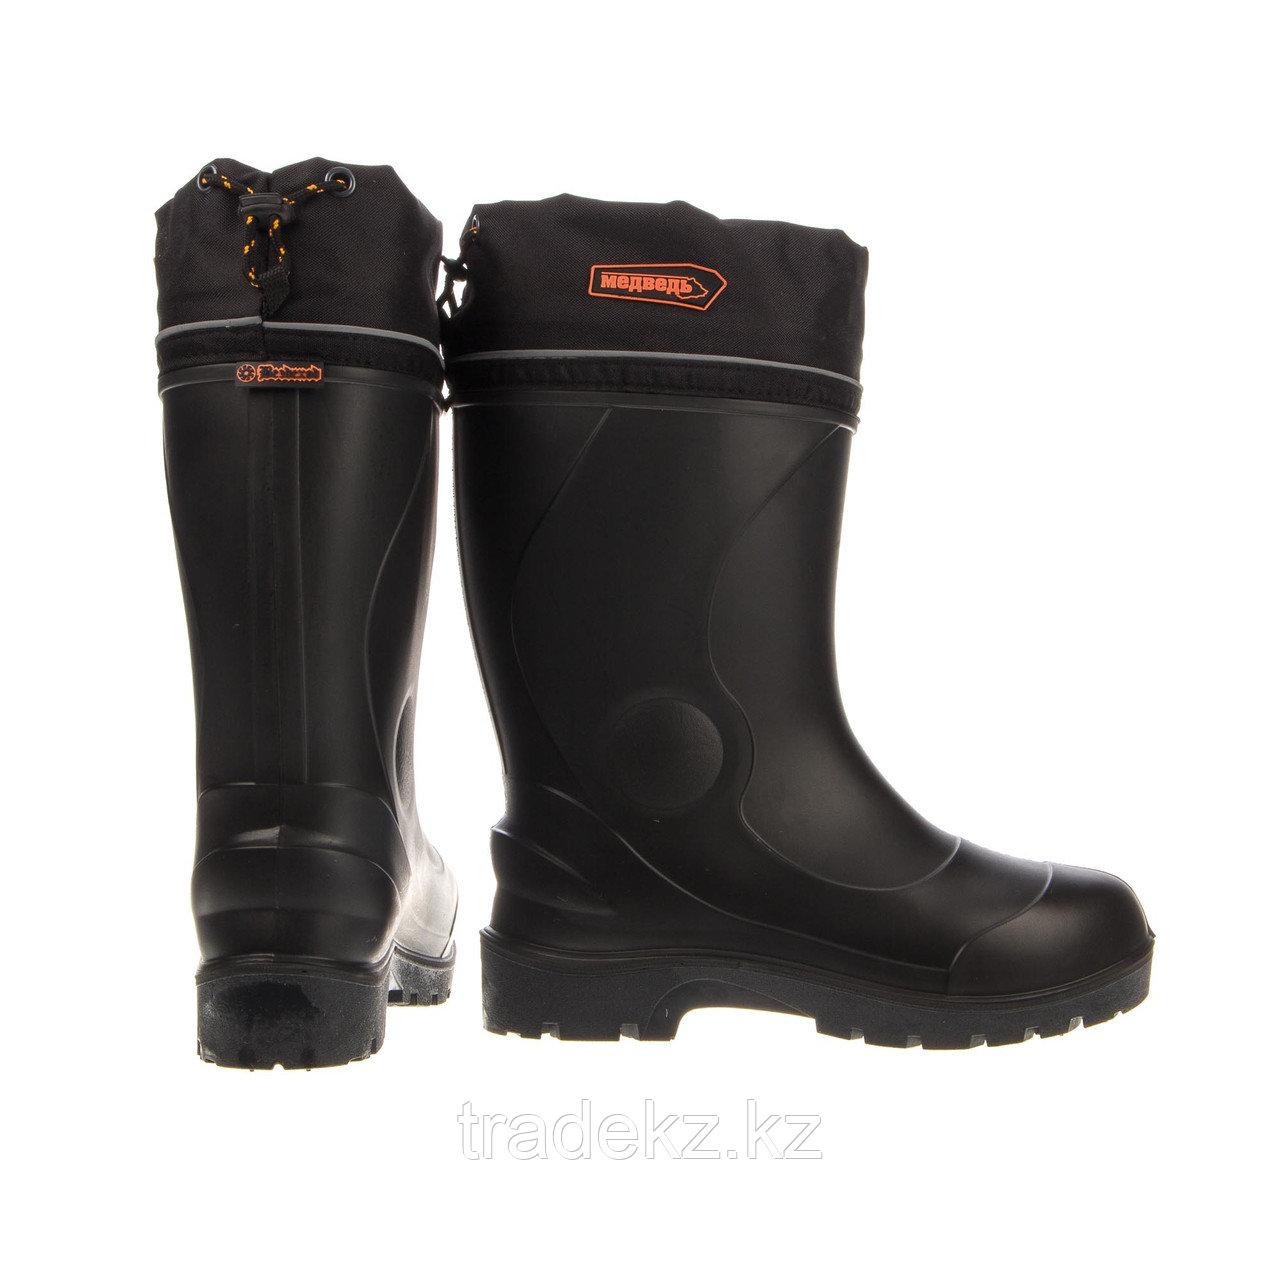 Обувь, сапоги для охоты и рыбалки ЭВА МЕДВЕДЬ ПУ (-60°C), черный, размер 43